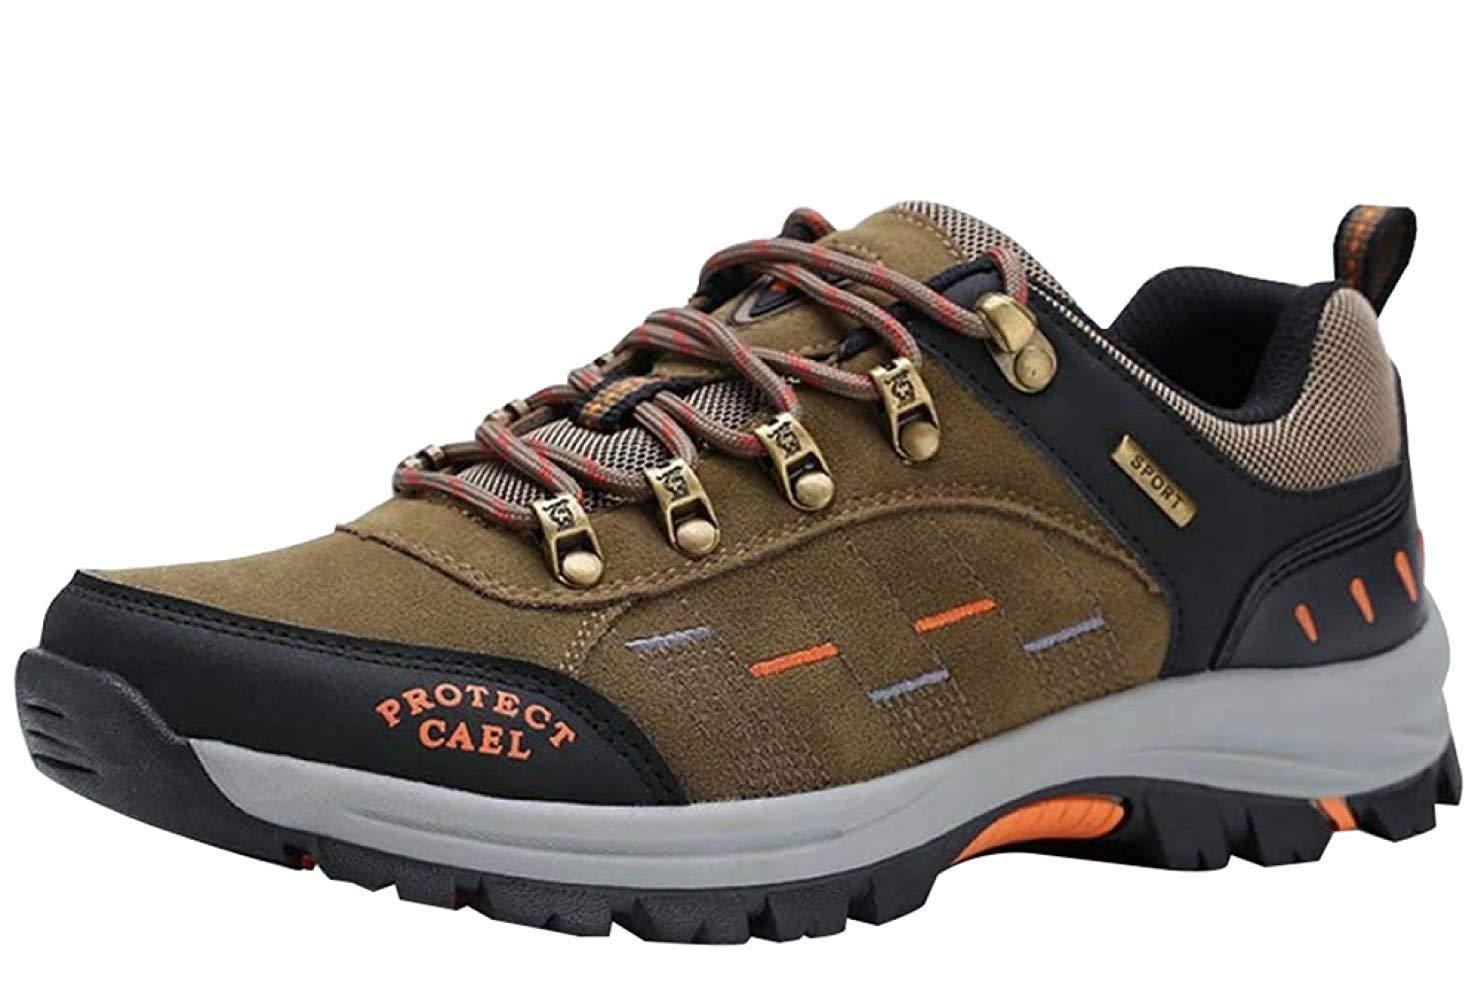 Fuxitoggo Männer Männer Männer Wanderschuhe Stiefel Leder Wanderschuhe Turnschuhe Für Outdoor Trekking Training Beiläufige Arbeit (Farbe   12, Größe   42EU)  b2d045